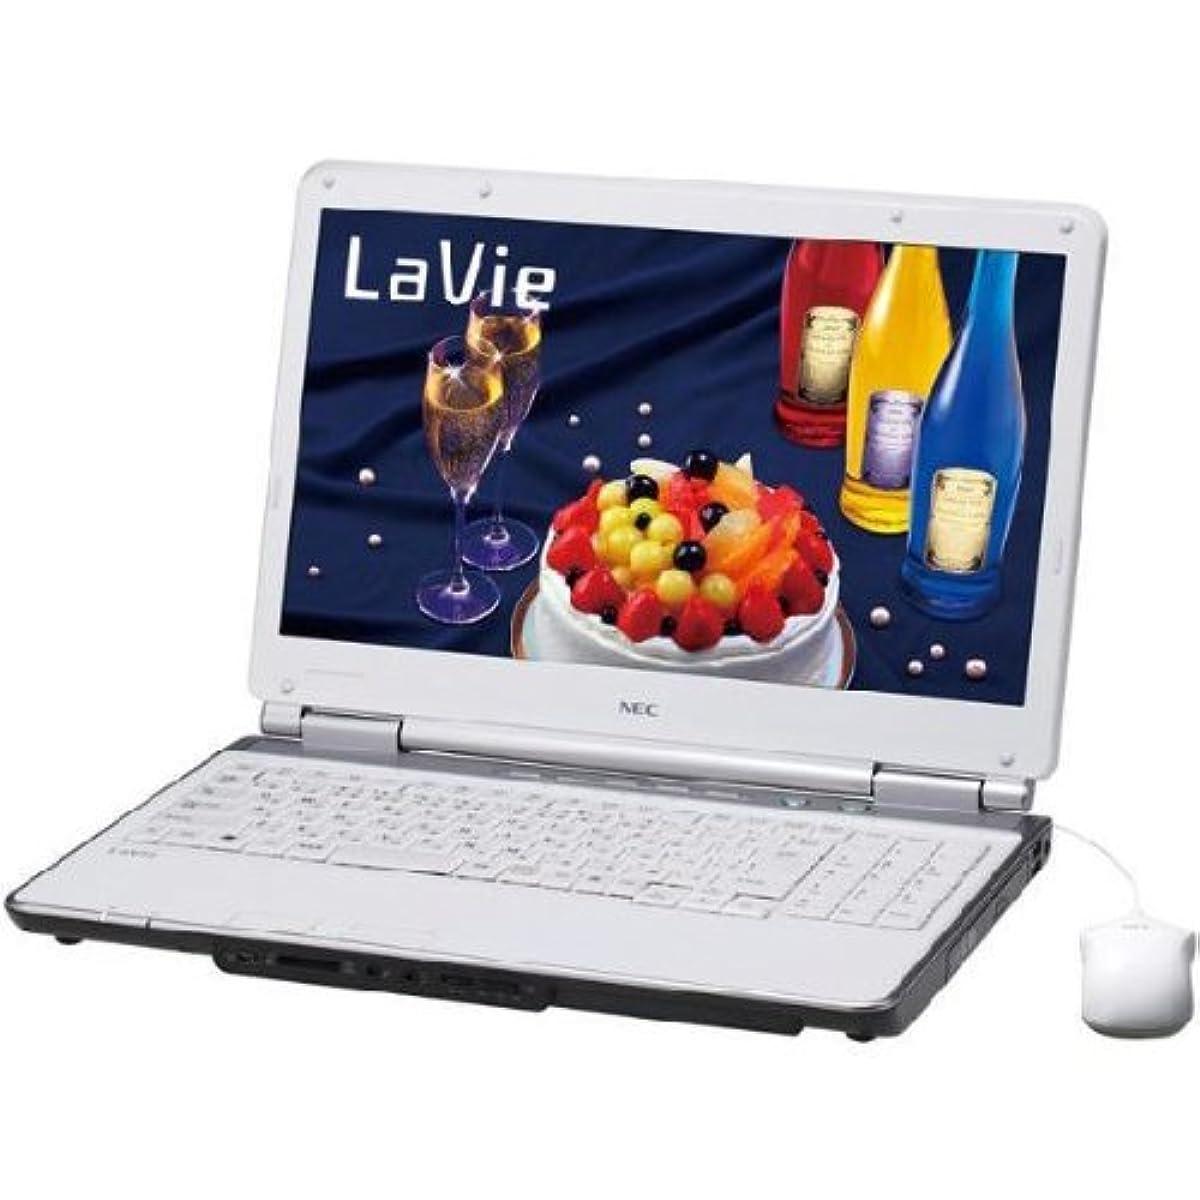 拡大するファンド浮くPC-LL550VG6W LaVie L